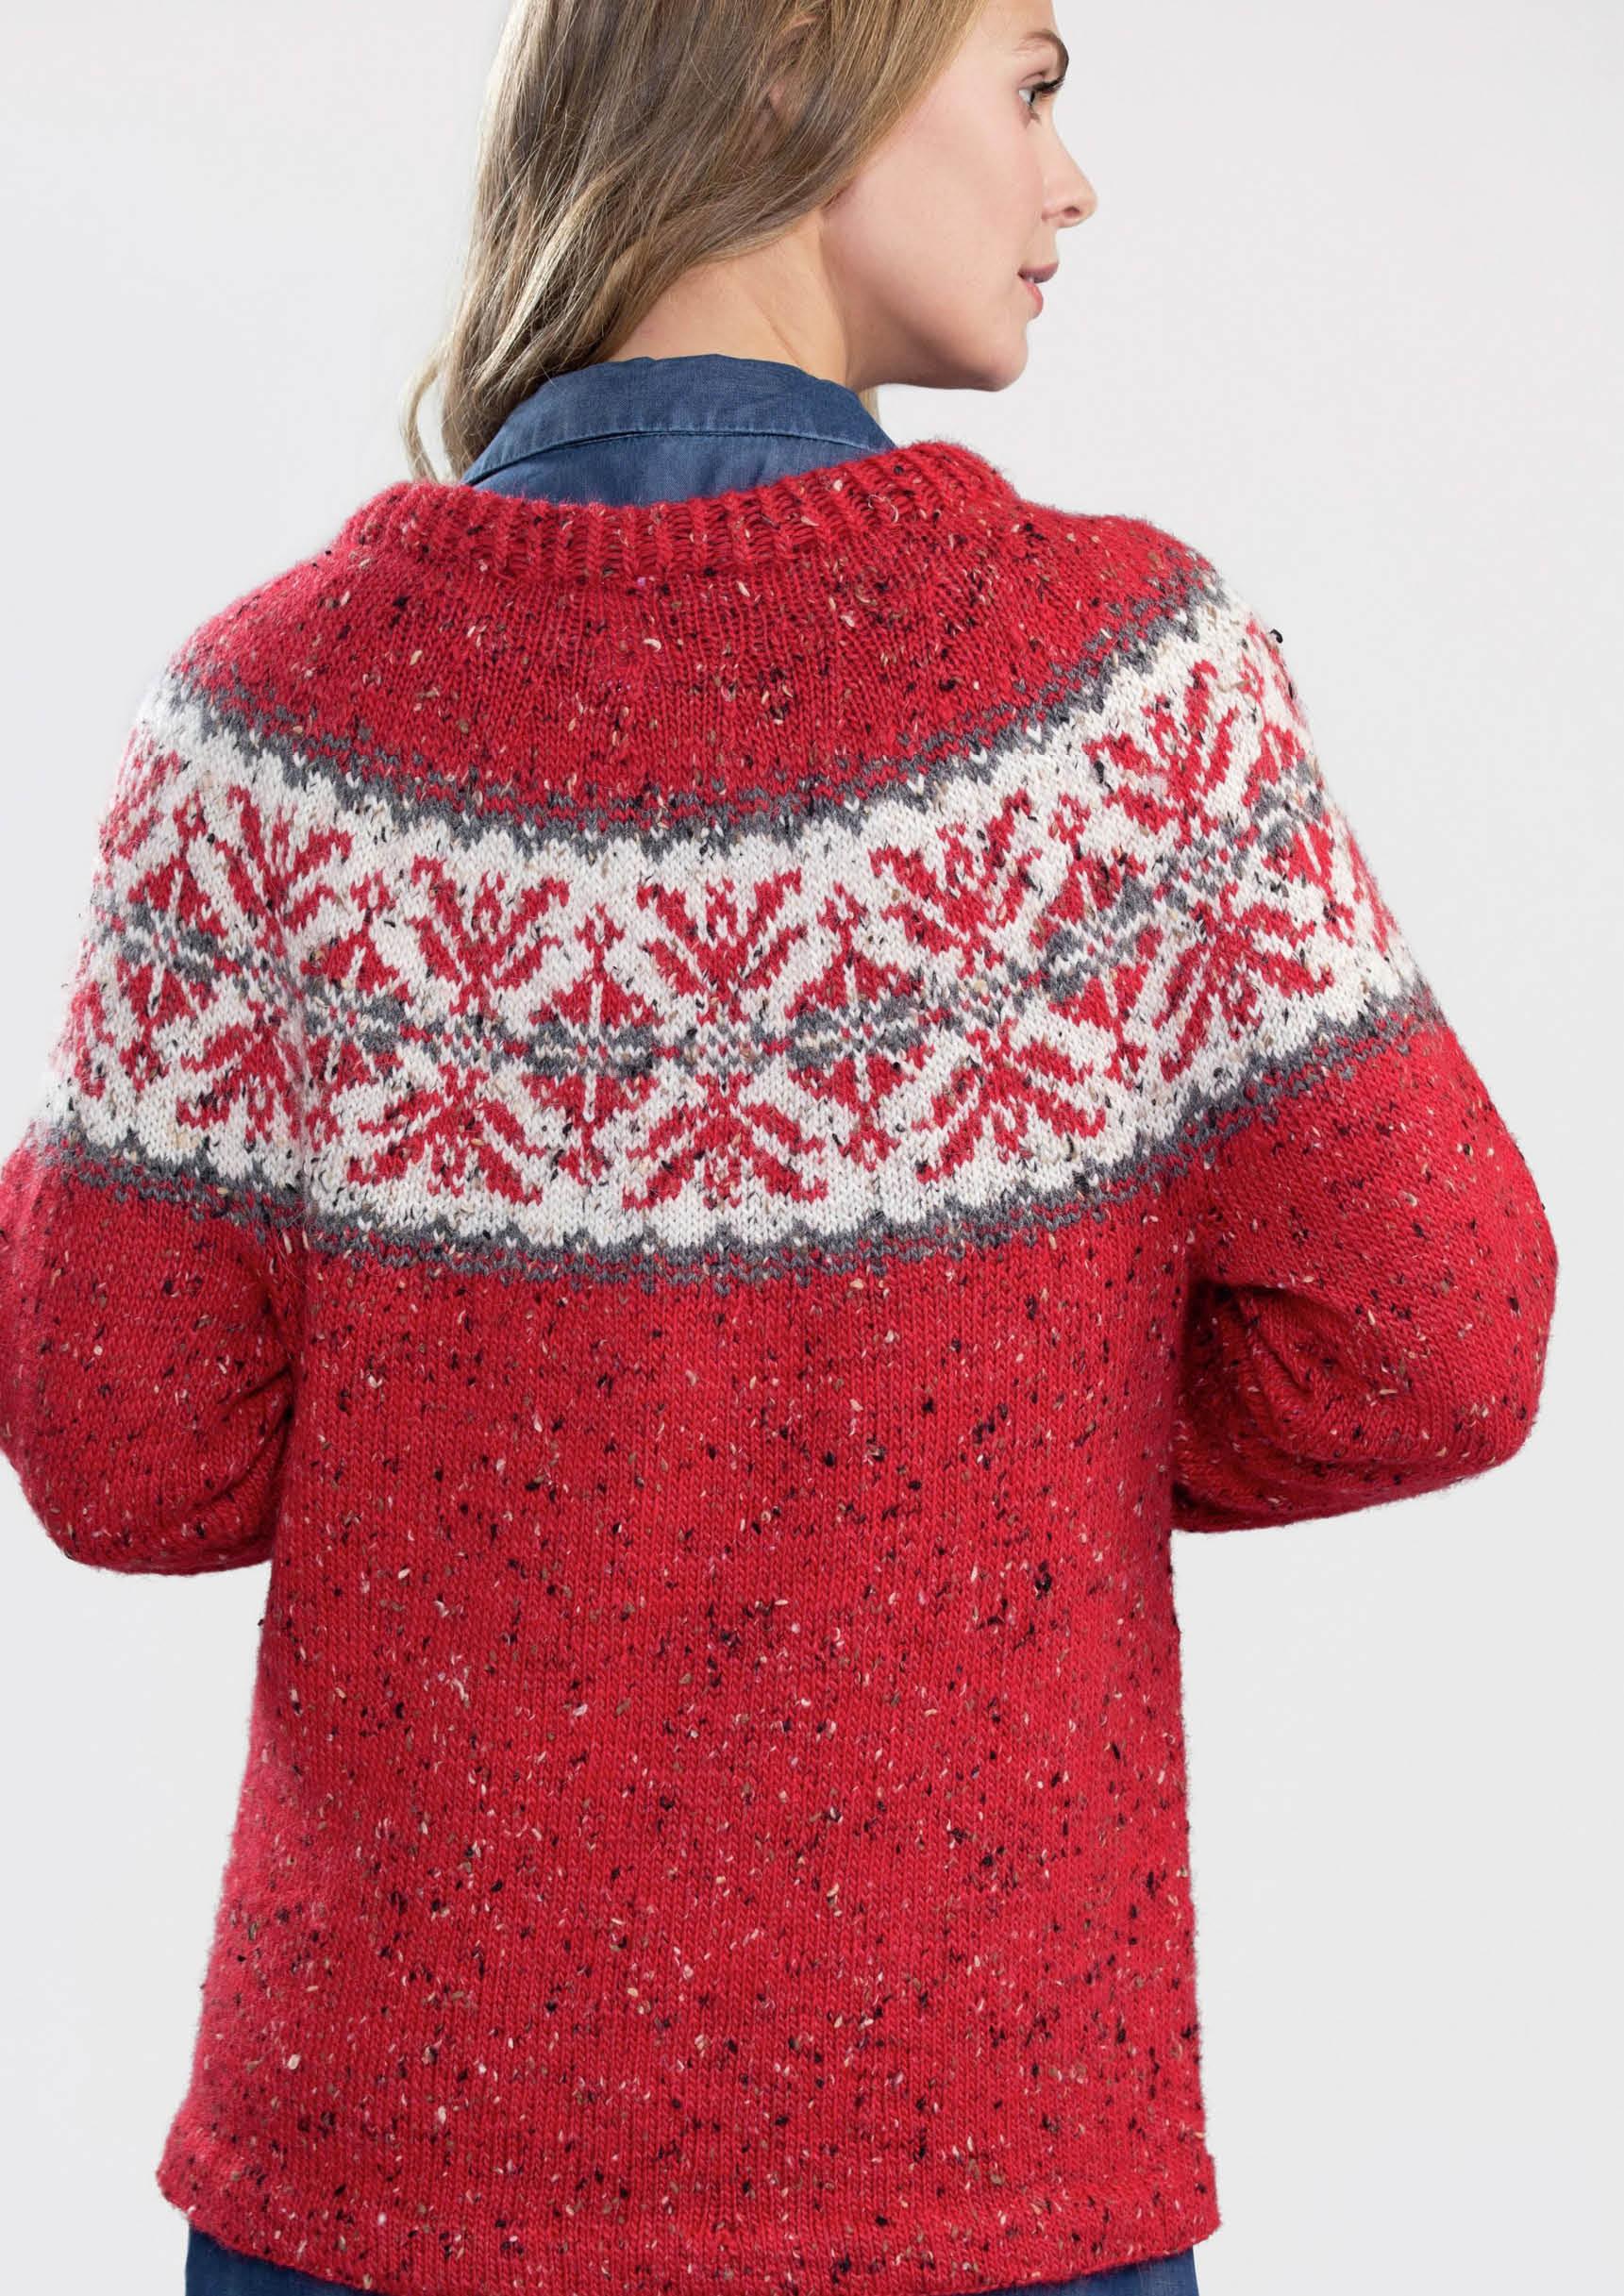 DSA74 04 Maria genser rød | Du Store Alpakka i 2020